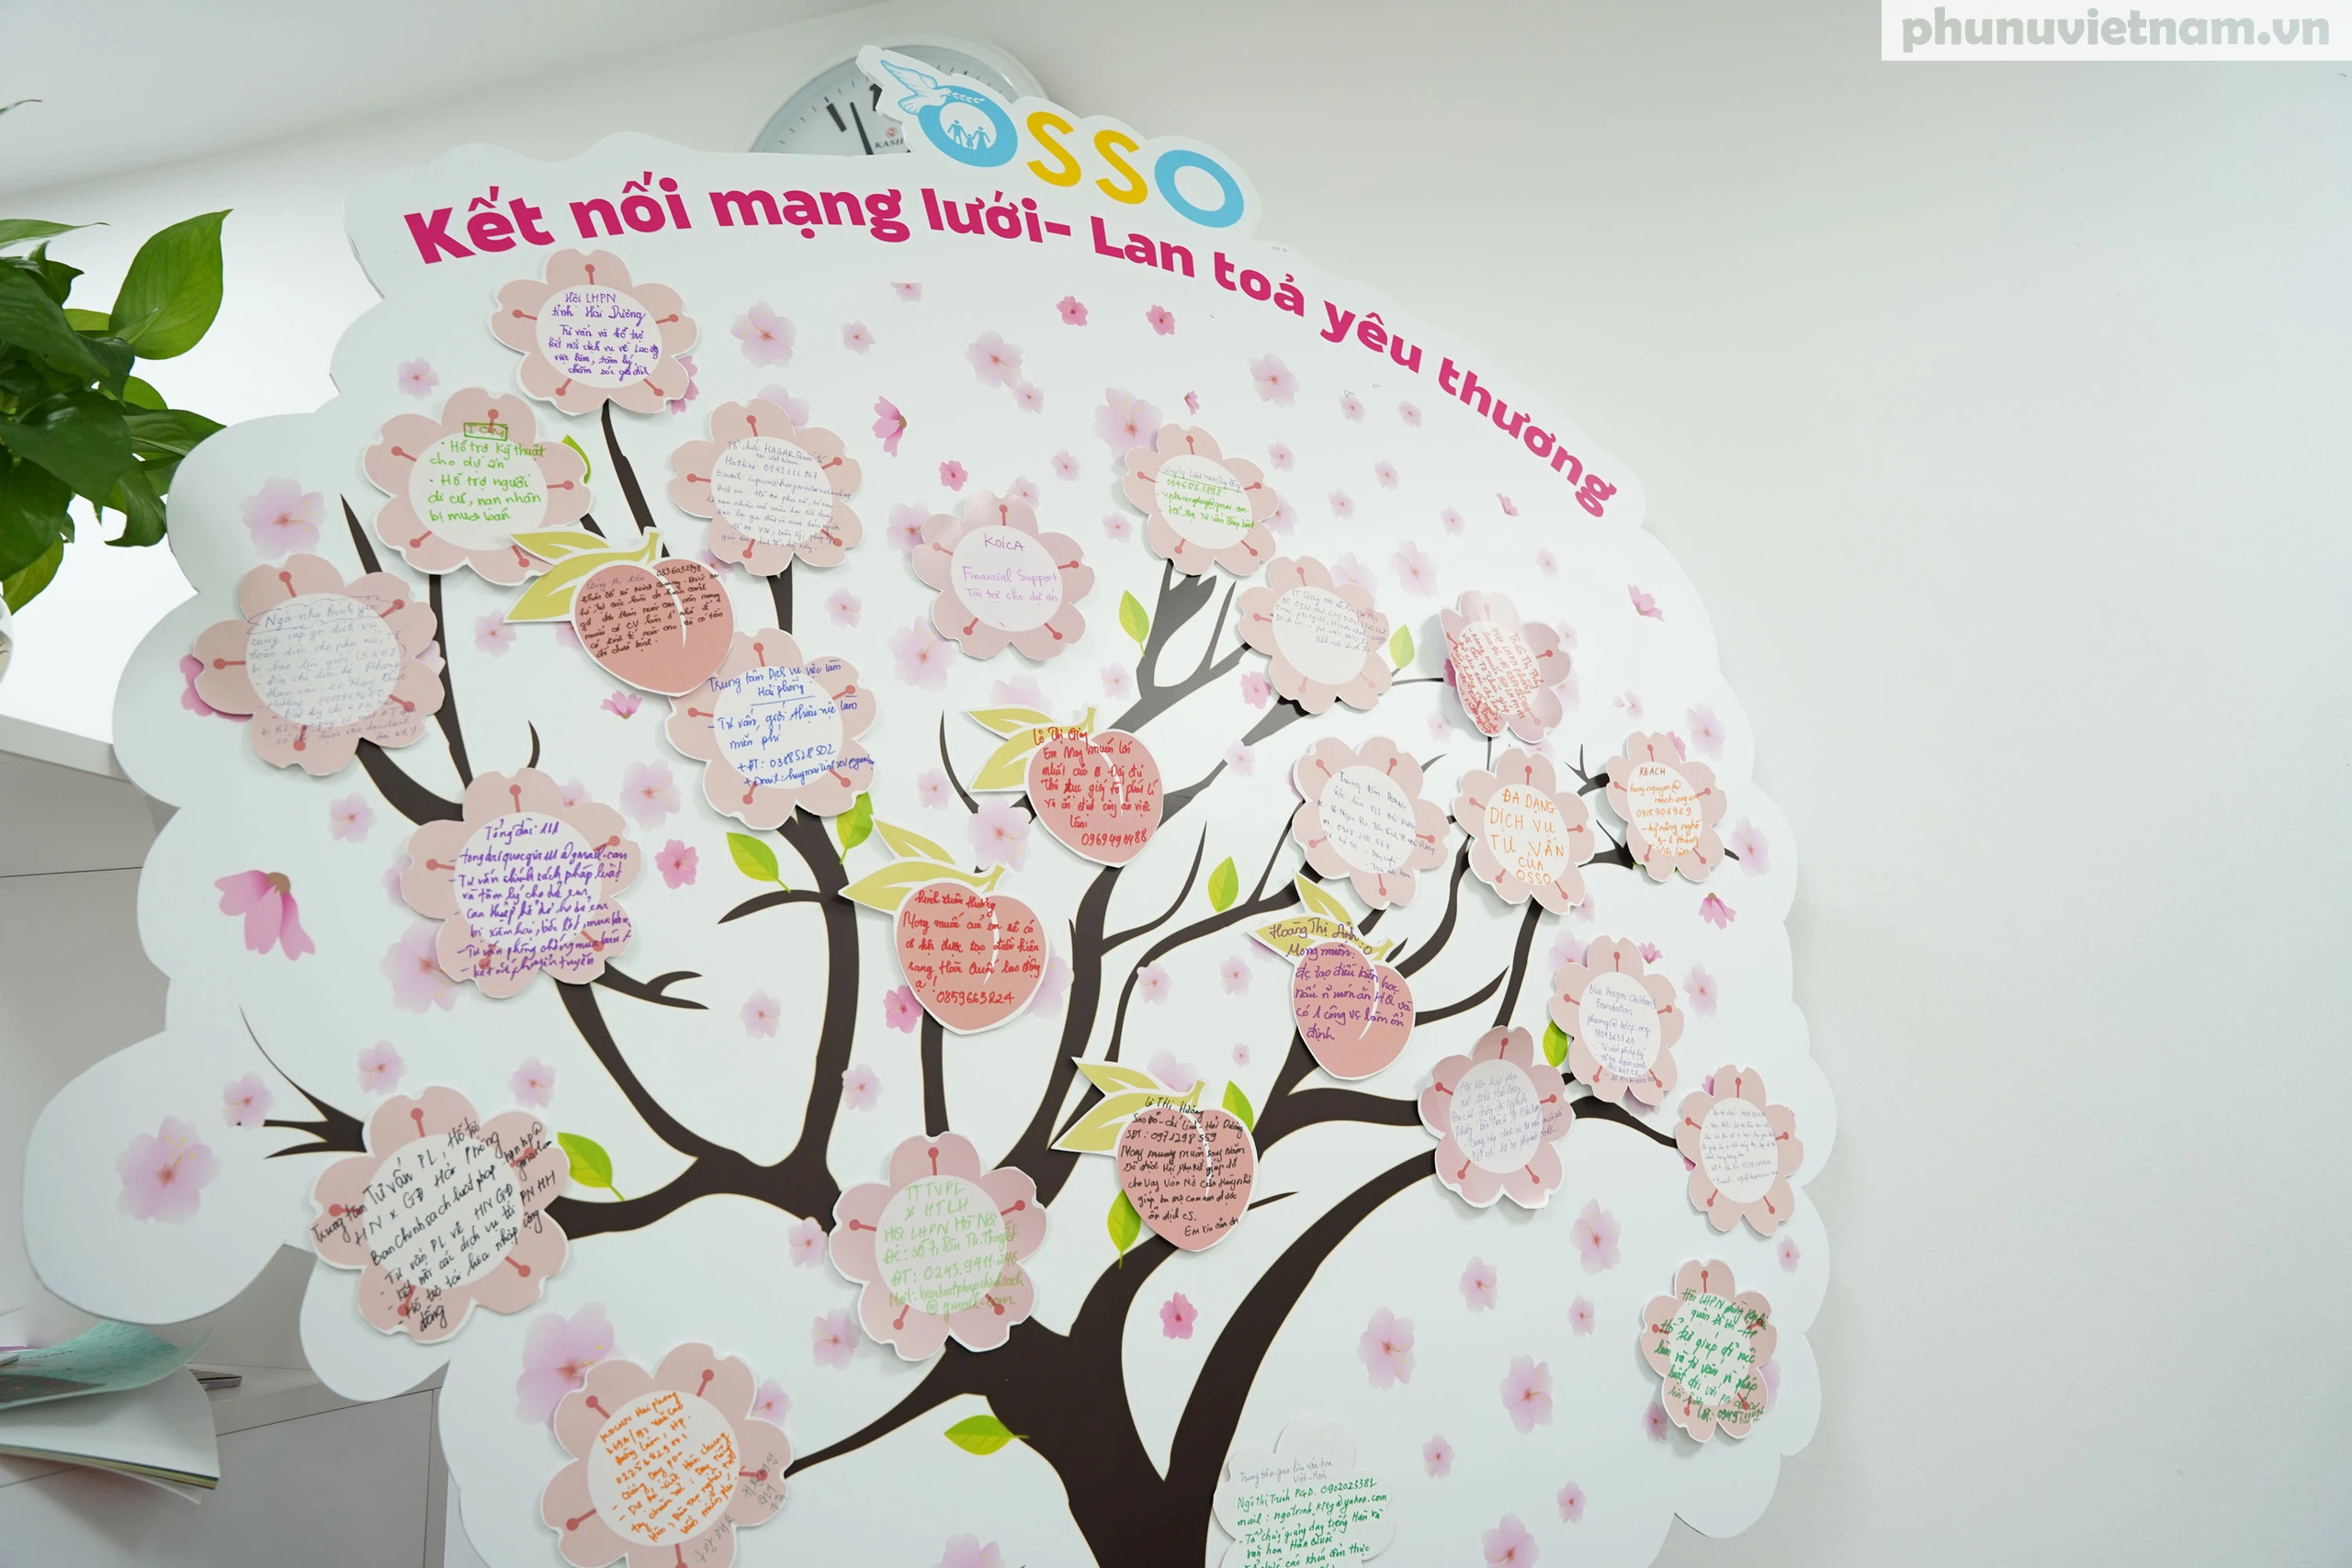 Nữ tư vấn viên Văn phòng OSSO Hà Nội chia sẻ về cách thức hỗ trợ phụ nữ di cư hồi hương - Ảnh 3.